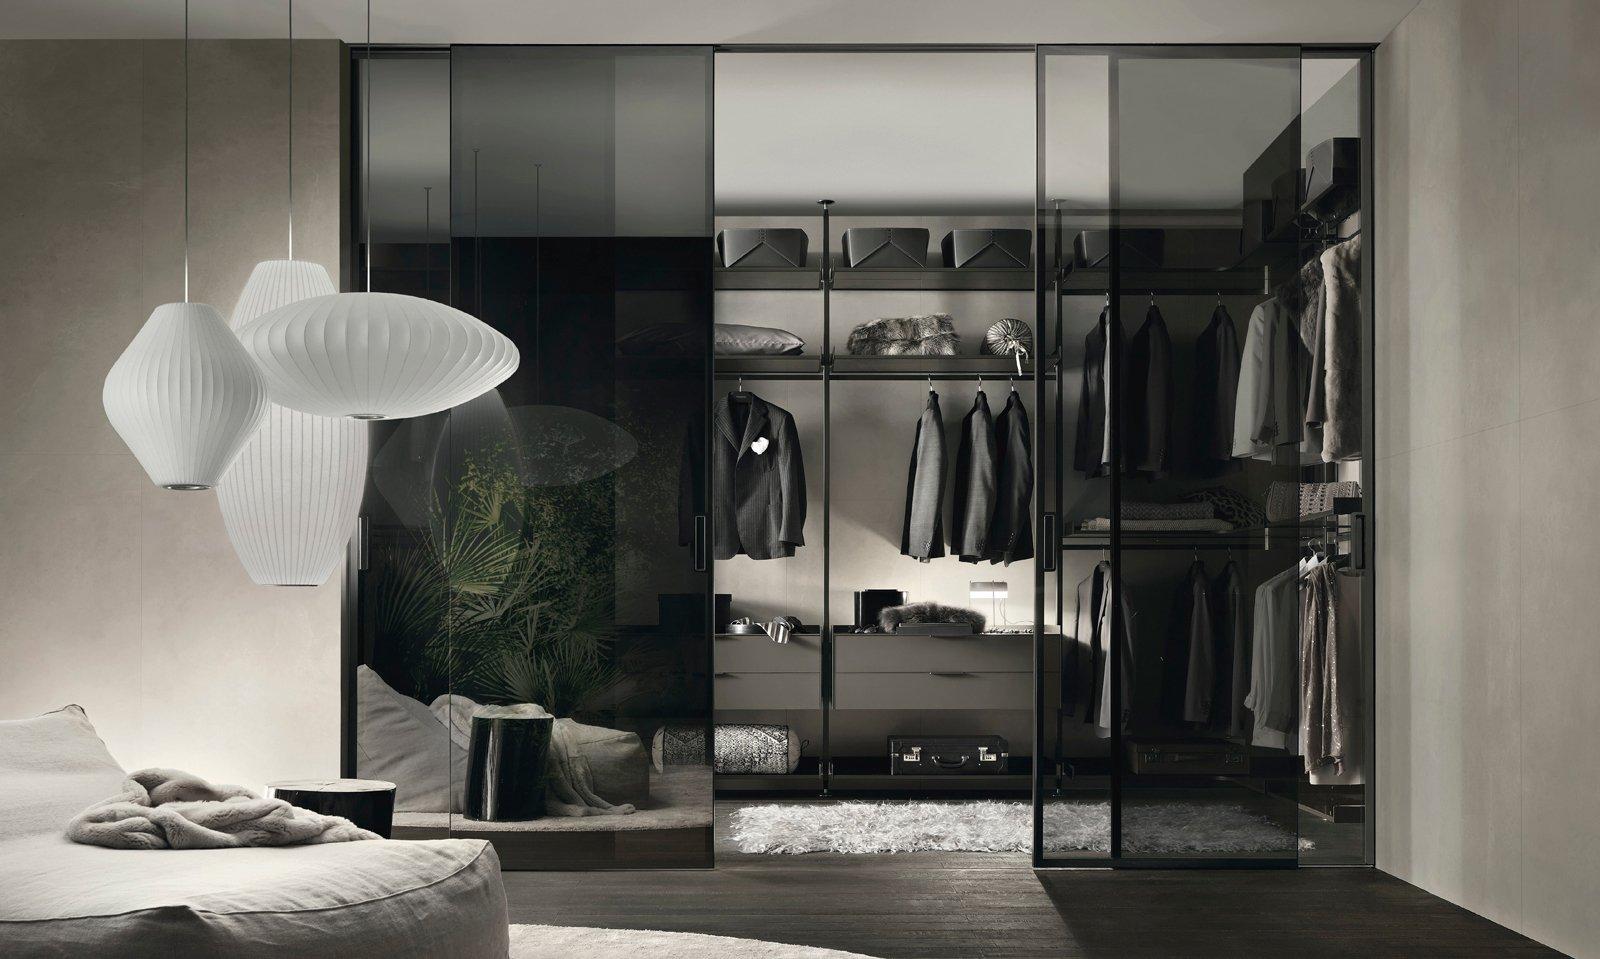 Cabine armadio soluzione trendy cose di casa - Foto moderne dressing ...